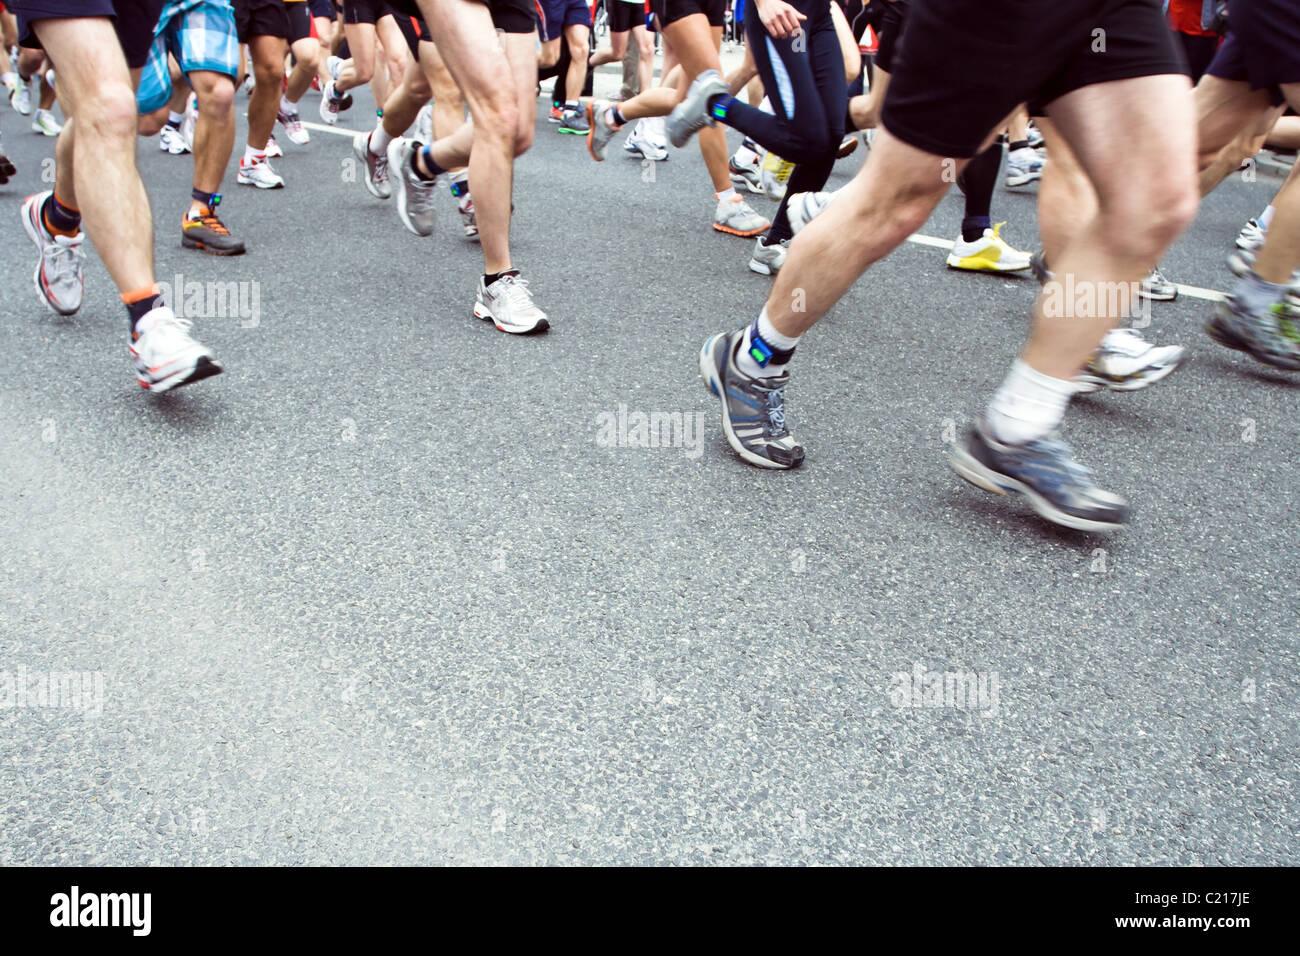 Dans les coureurs du marathon de la ville, de flou au niveau des jambes Photo Stock